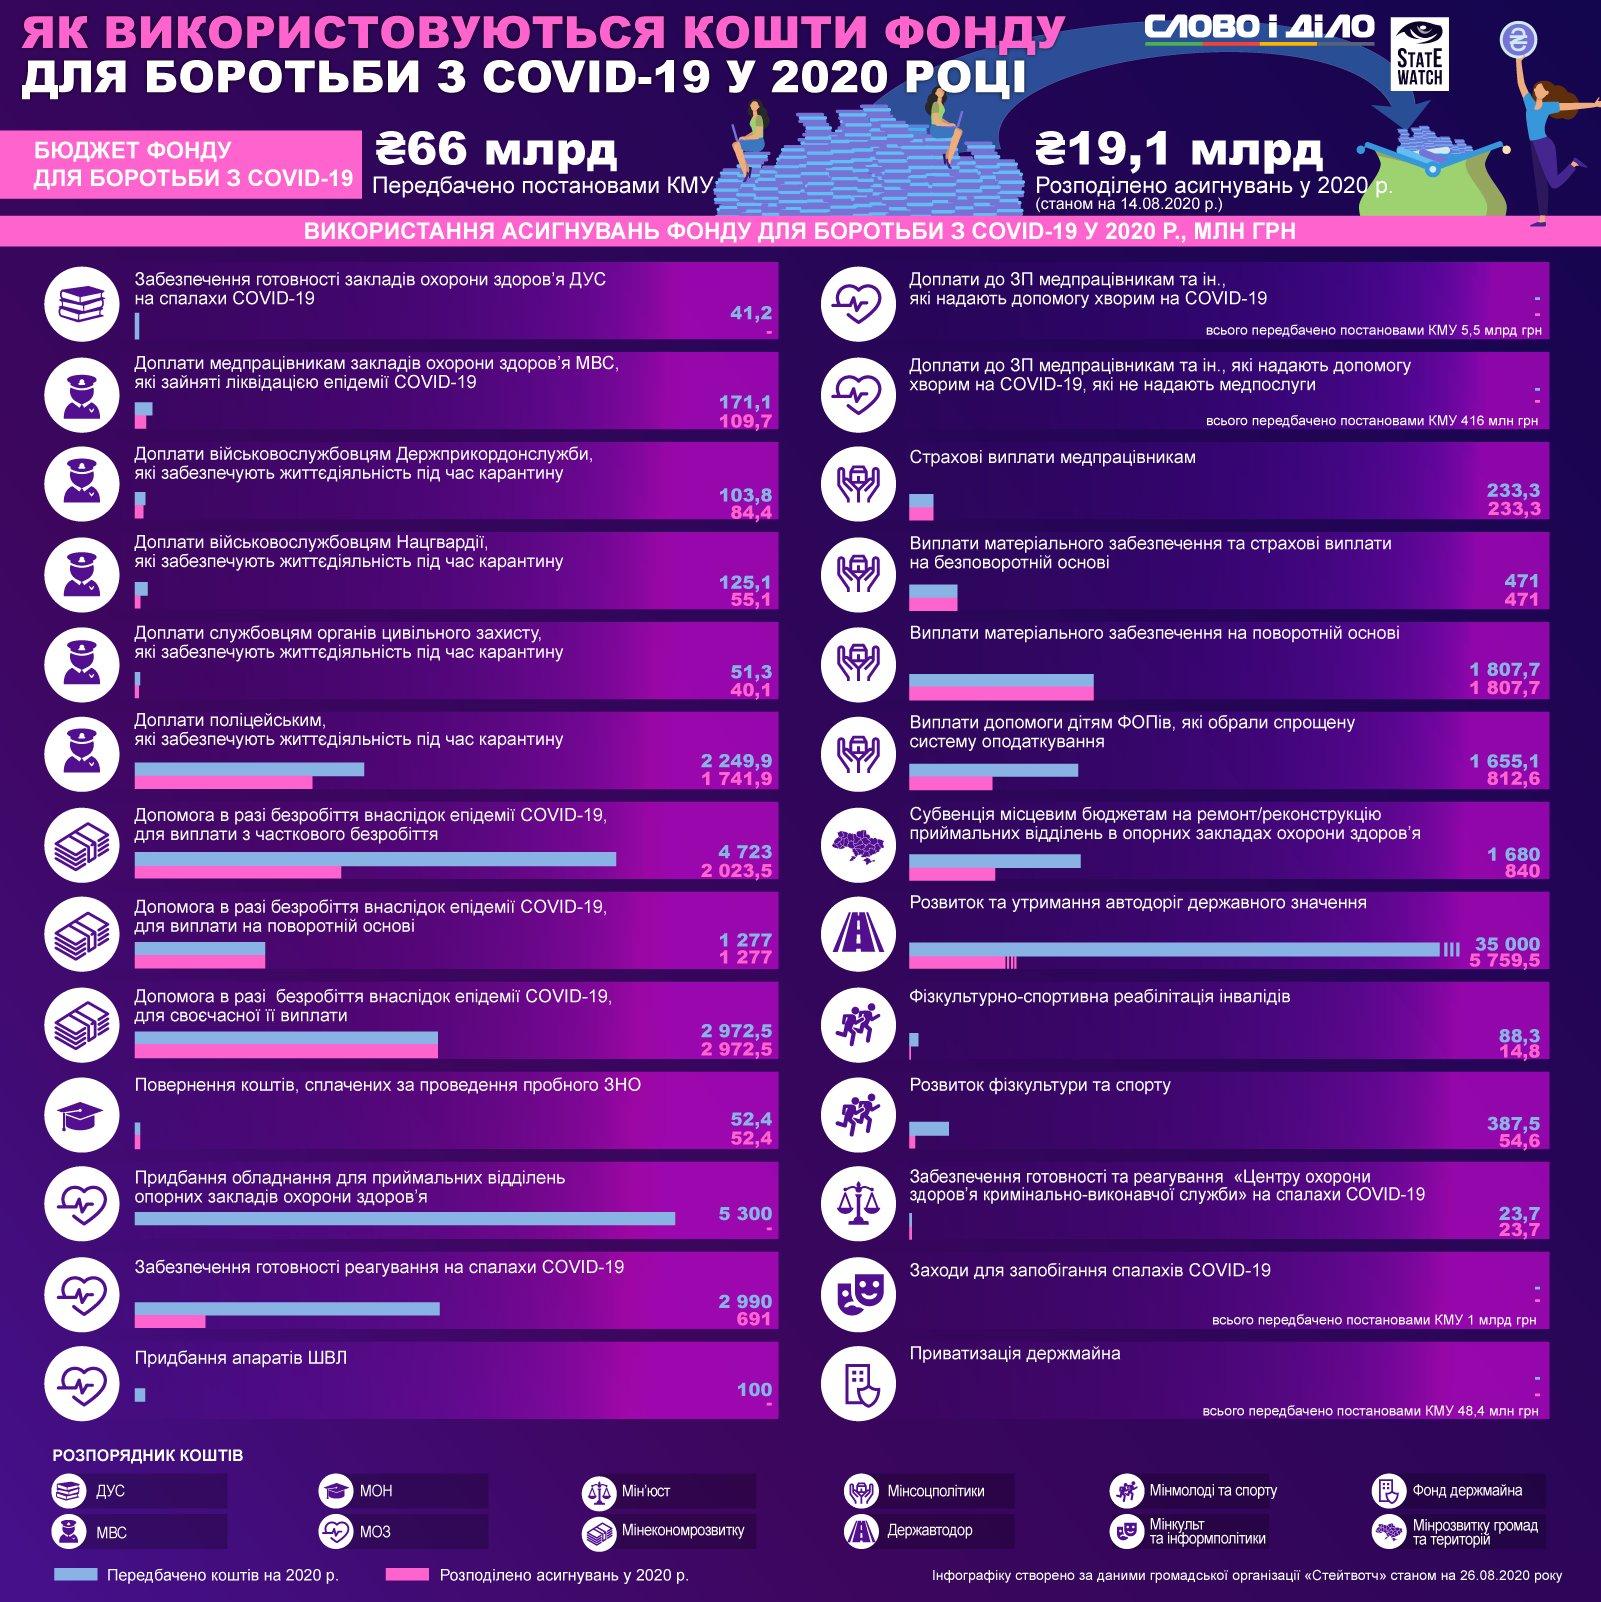 Куда идут деньги из спецфонда для борьбы с коронавирусом – инфографика